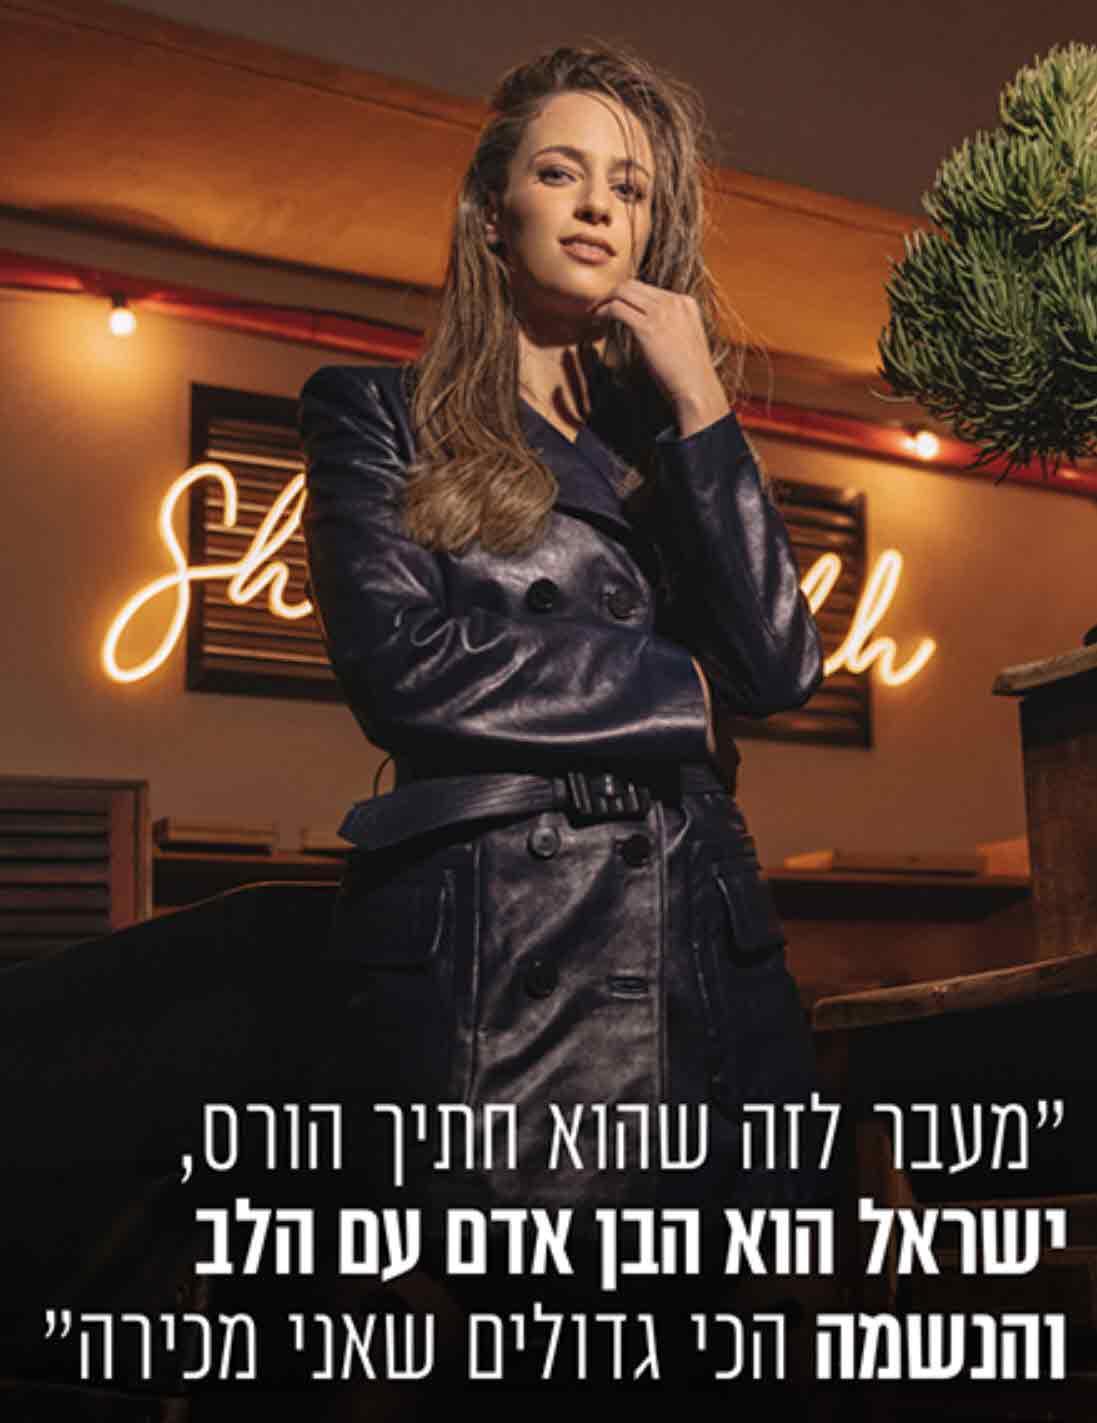 ישראל אוגלבו וקארין סנדל חזרו ועכשיו ויש לה גם מה להגיד!